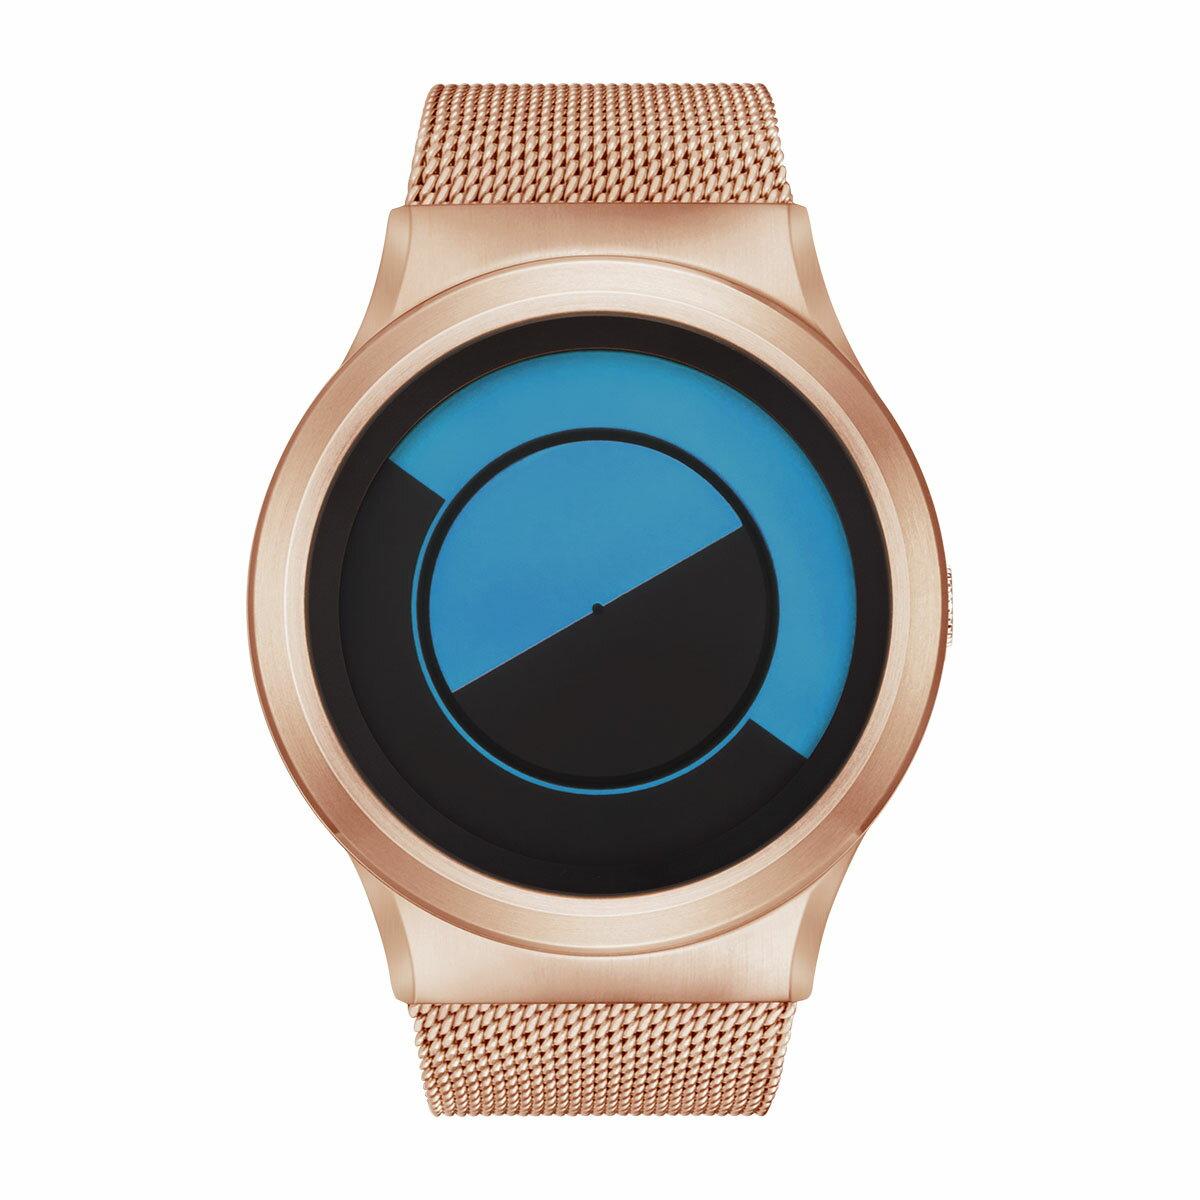 ZEROO QUARTER MOON ゼロ 電池式クォーツ 腕時計 [W08032B05SM05] ブルー デザインウォッチ ペア用 メンズ レディース ユニセックス おしゃれ時計 デザイナーズ